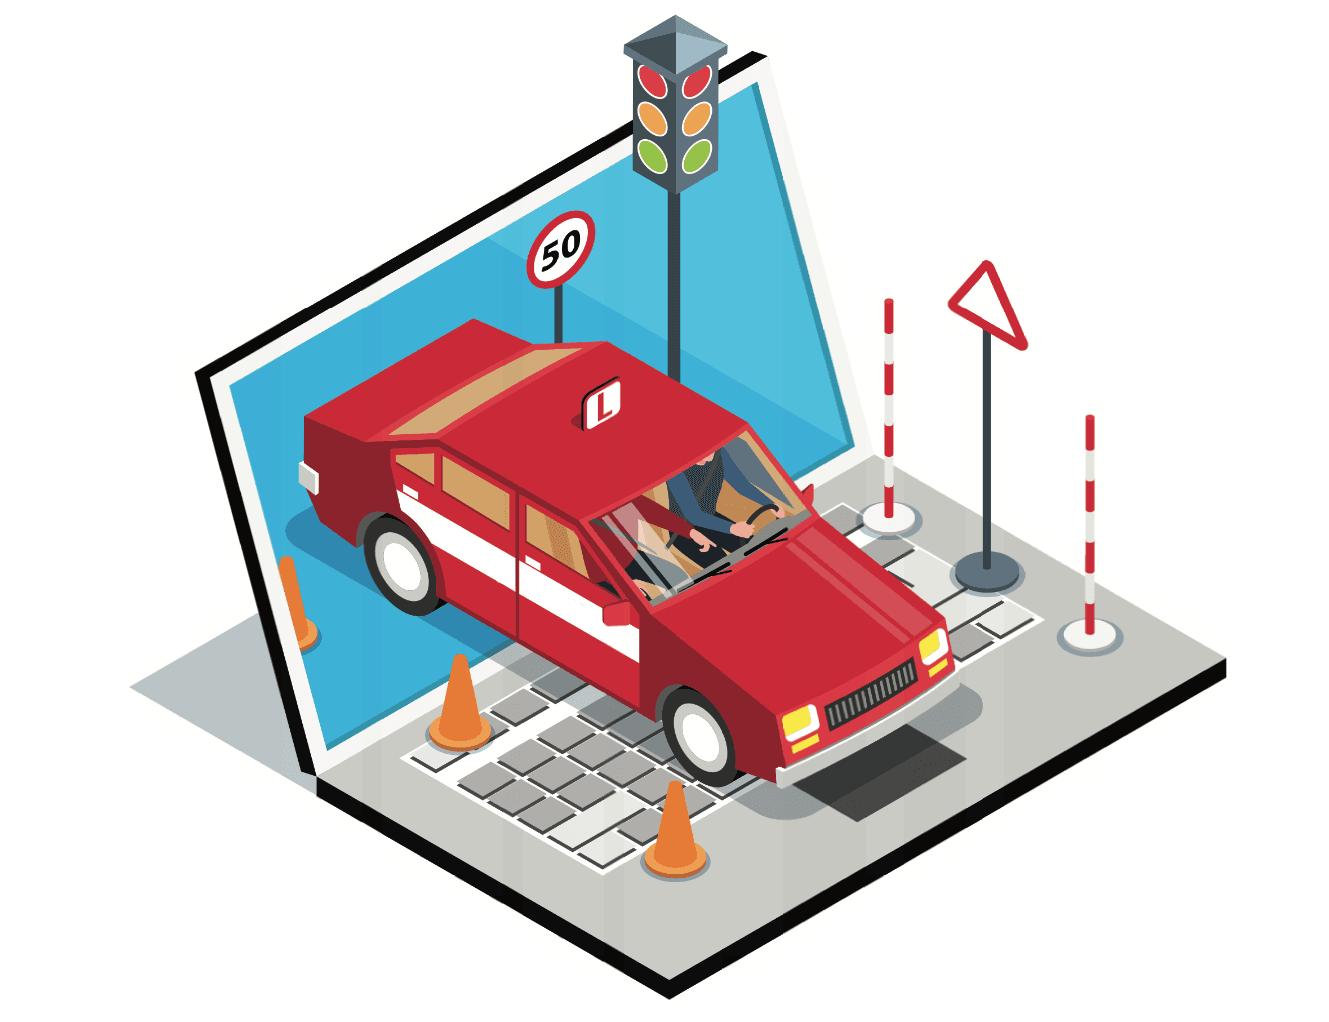 Edúcate con el curso de seguridad vial en línea